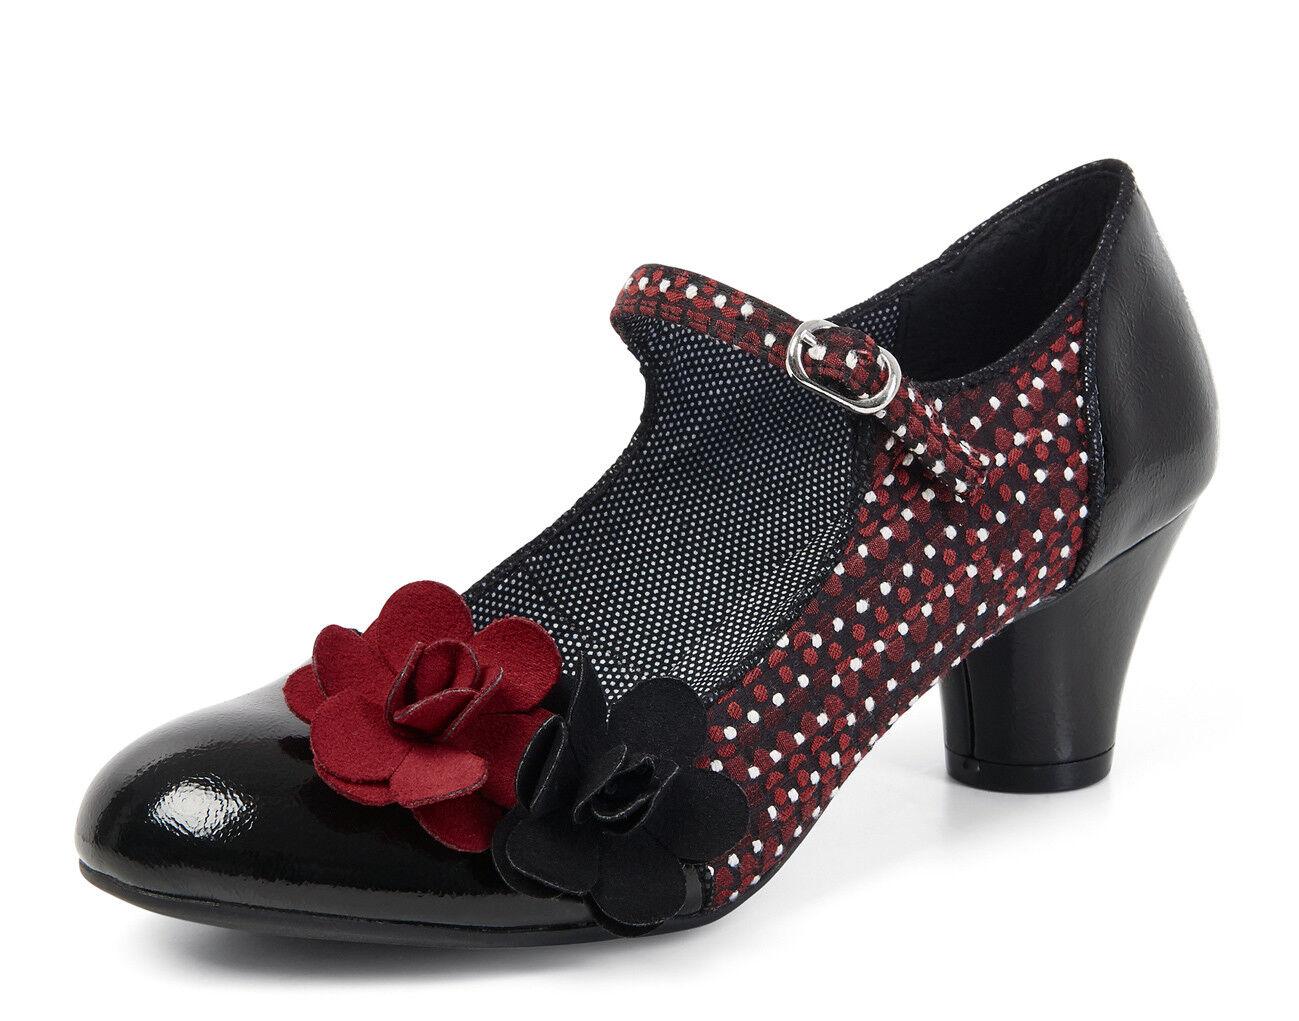 Ruby SHOO NUEVO Freya Negro Rojo Flor De Talón Mediados patente de Mary Jane Zapatos Tallas 3-9